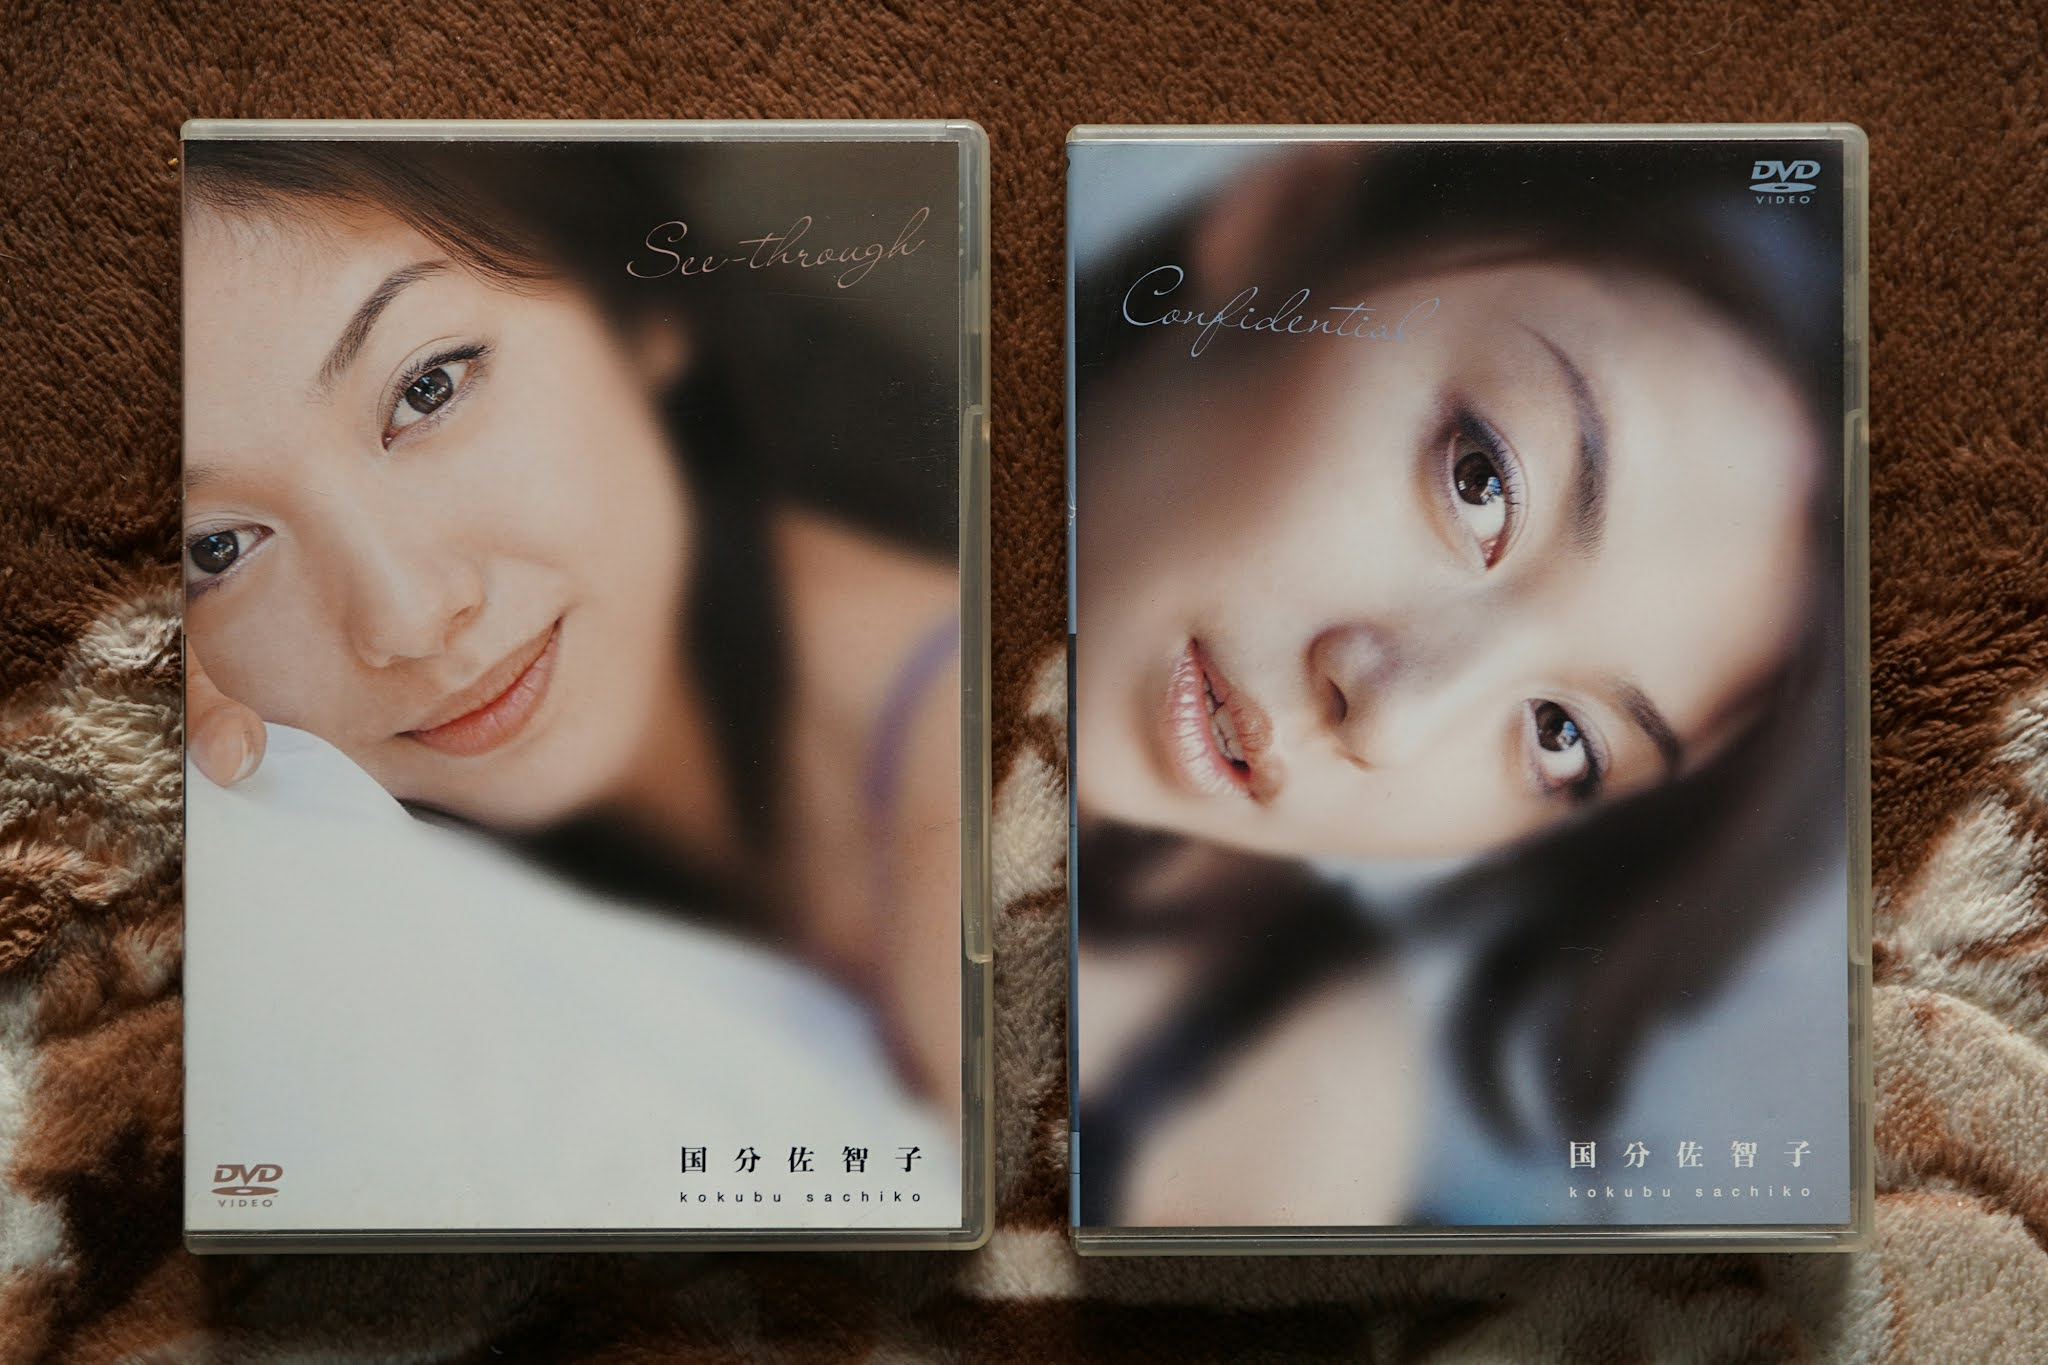 国分佐智子の二枚のイメージのDVD